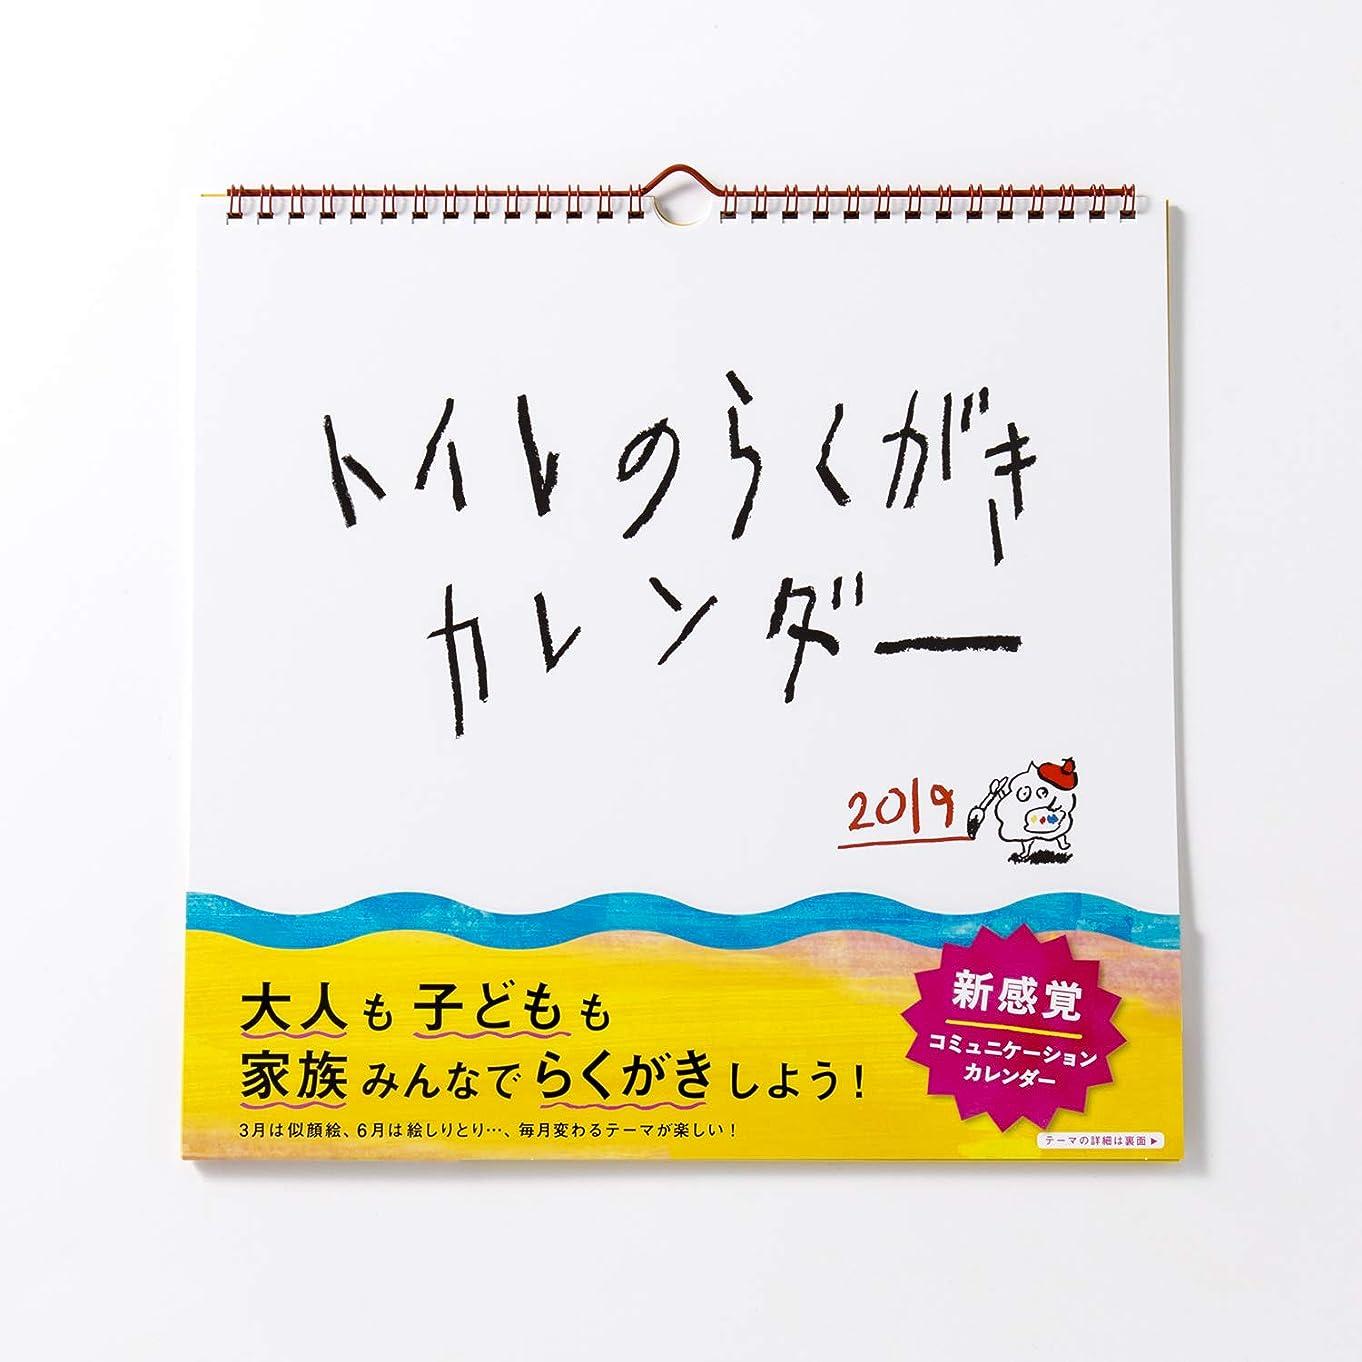 ペチュランス近代化神トイレのらくがきカレンダー 2019年度版 ([カレンダー])